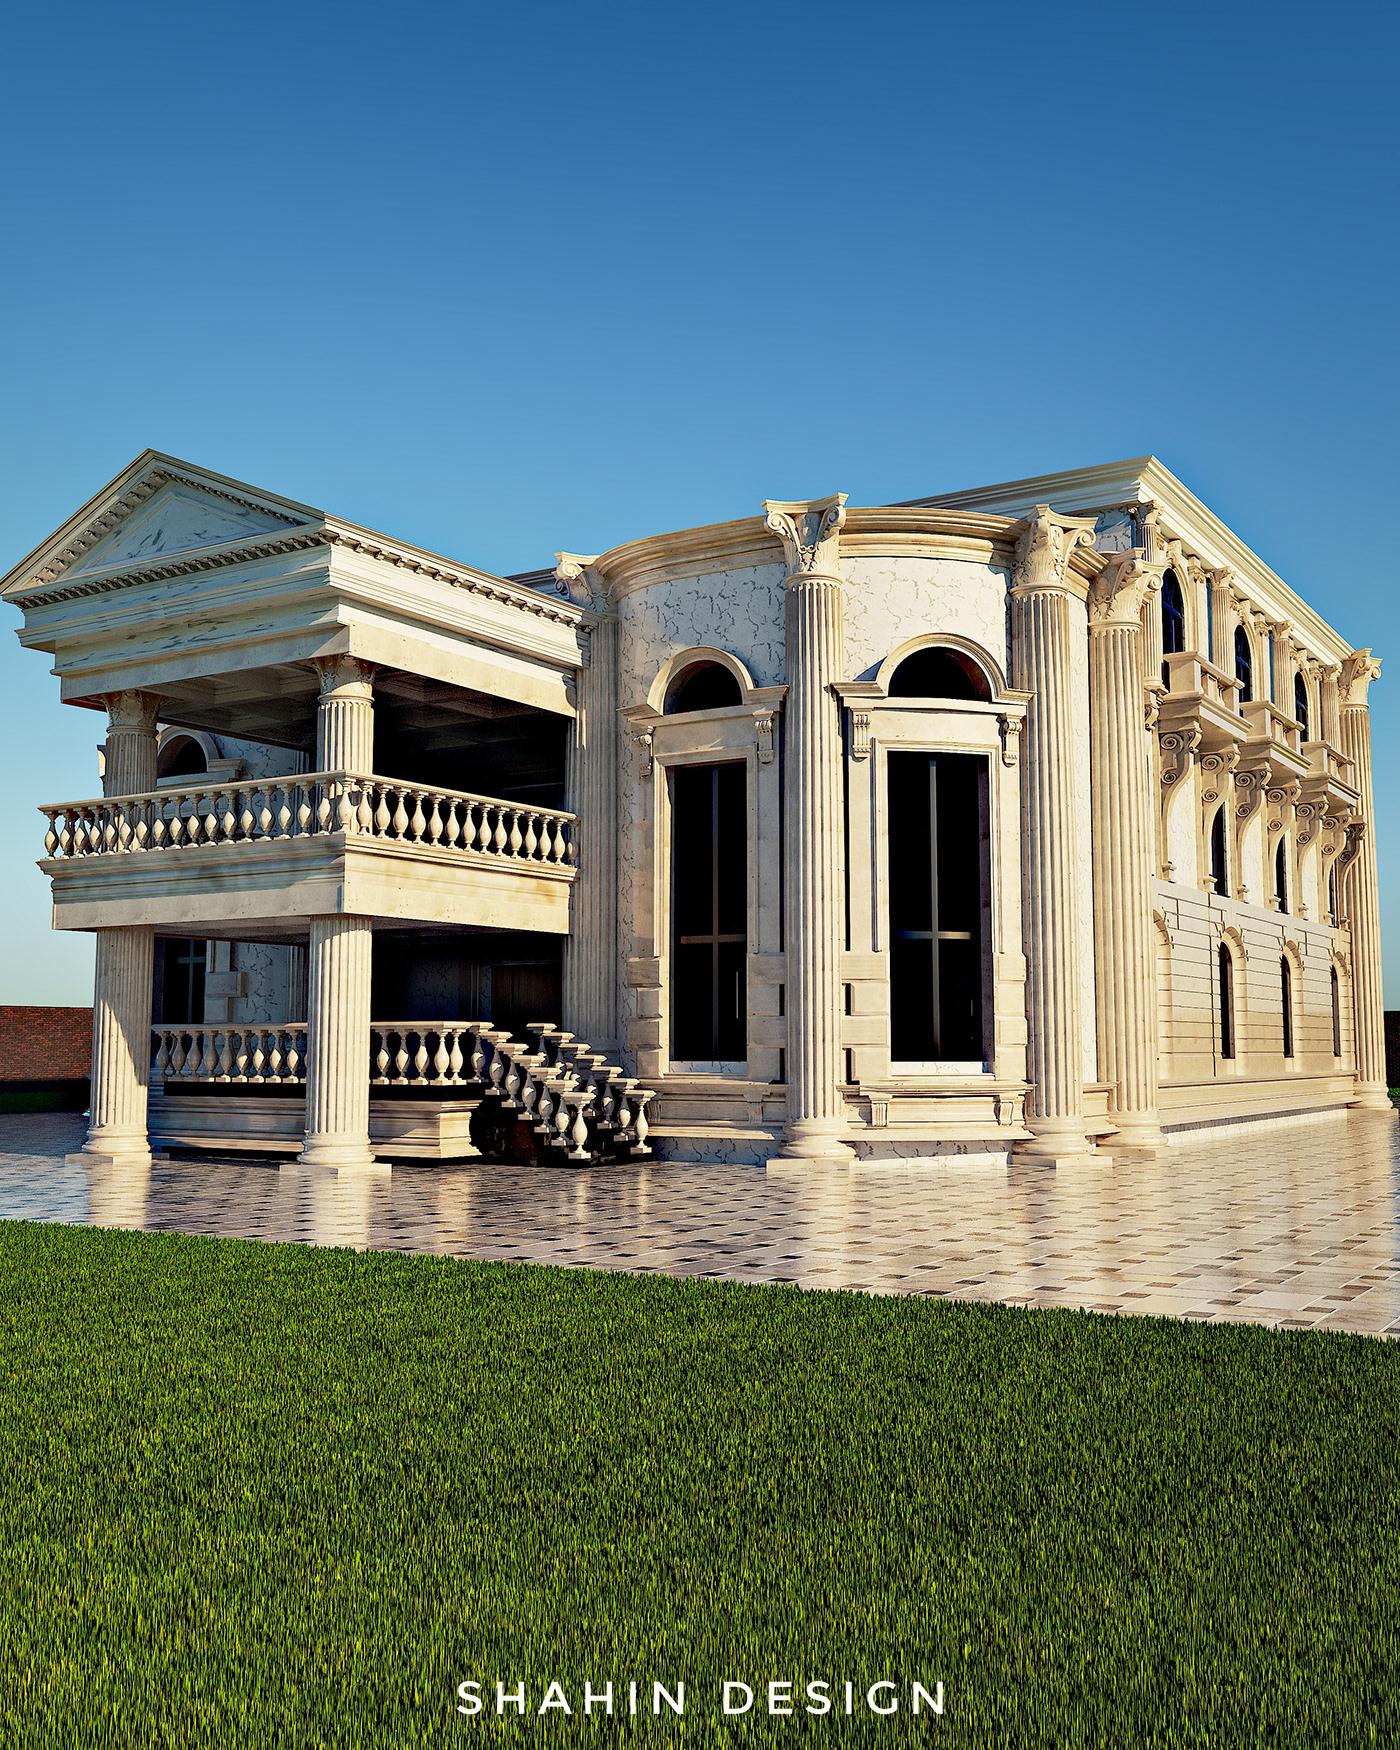 architectural design architecture archviz cg artist classic design exterior design Facade design